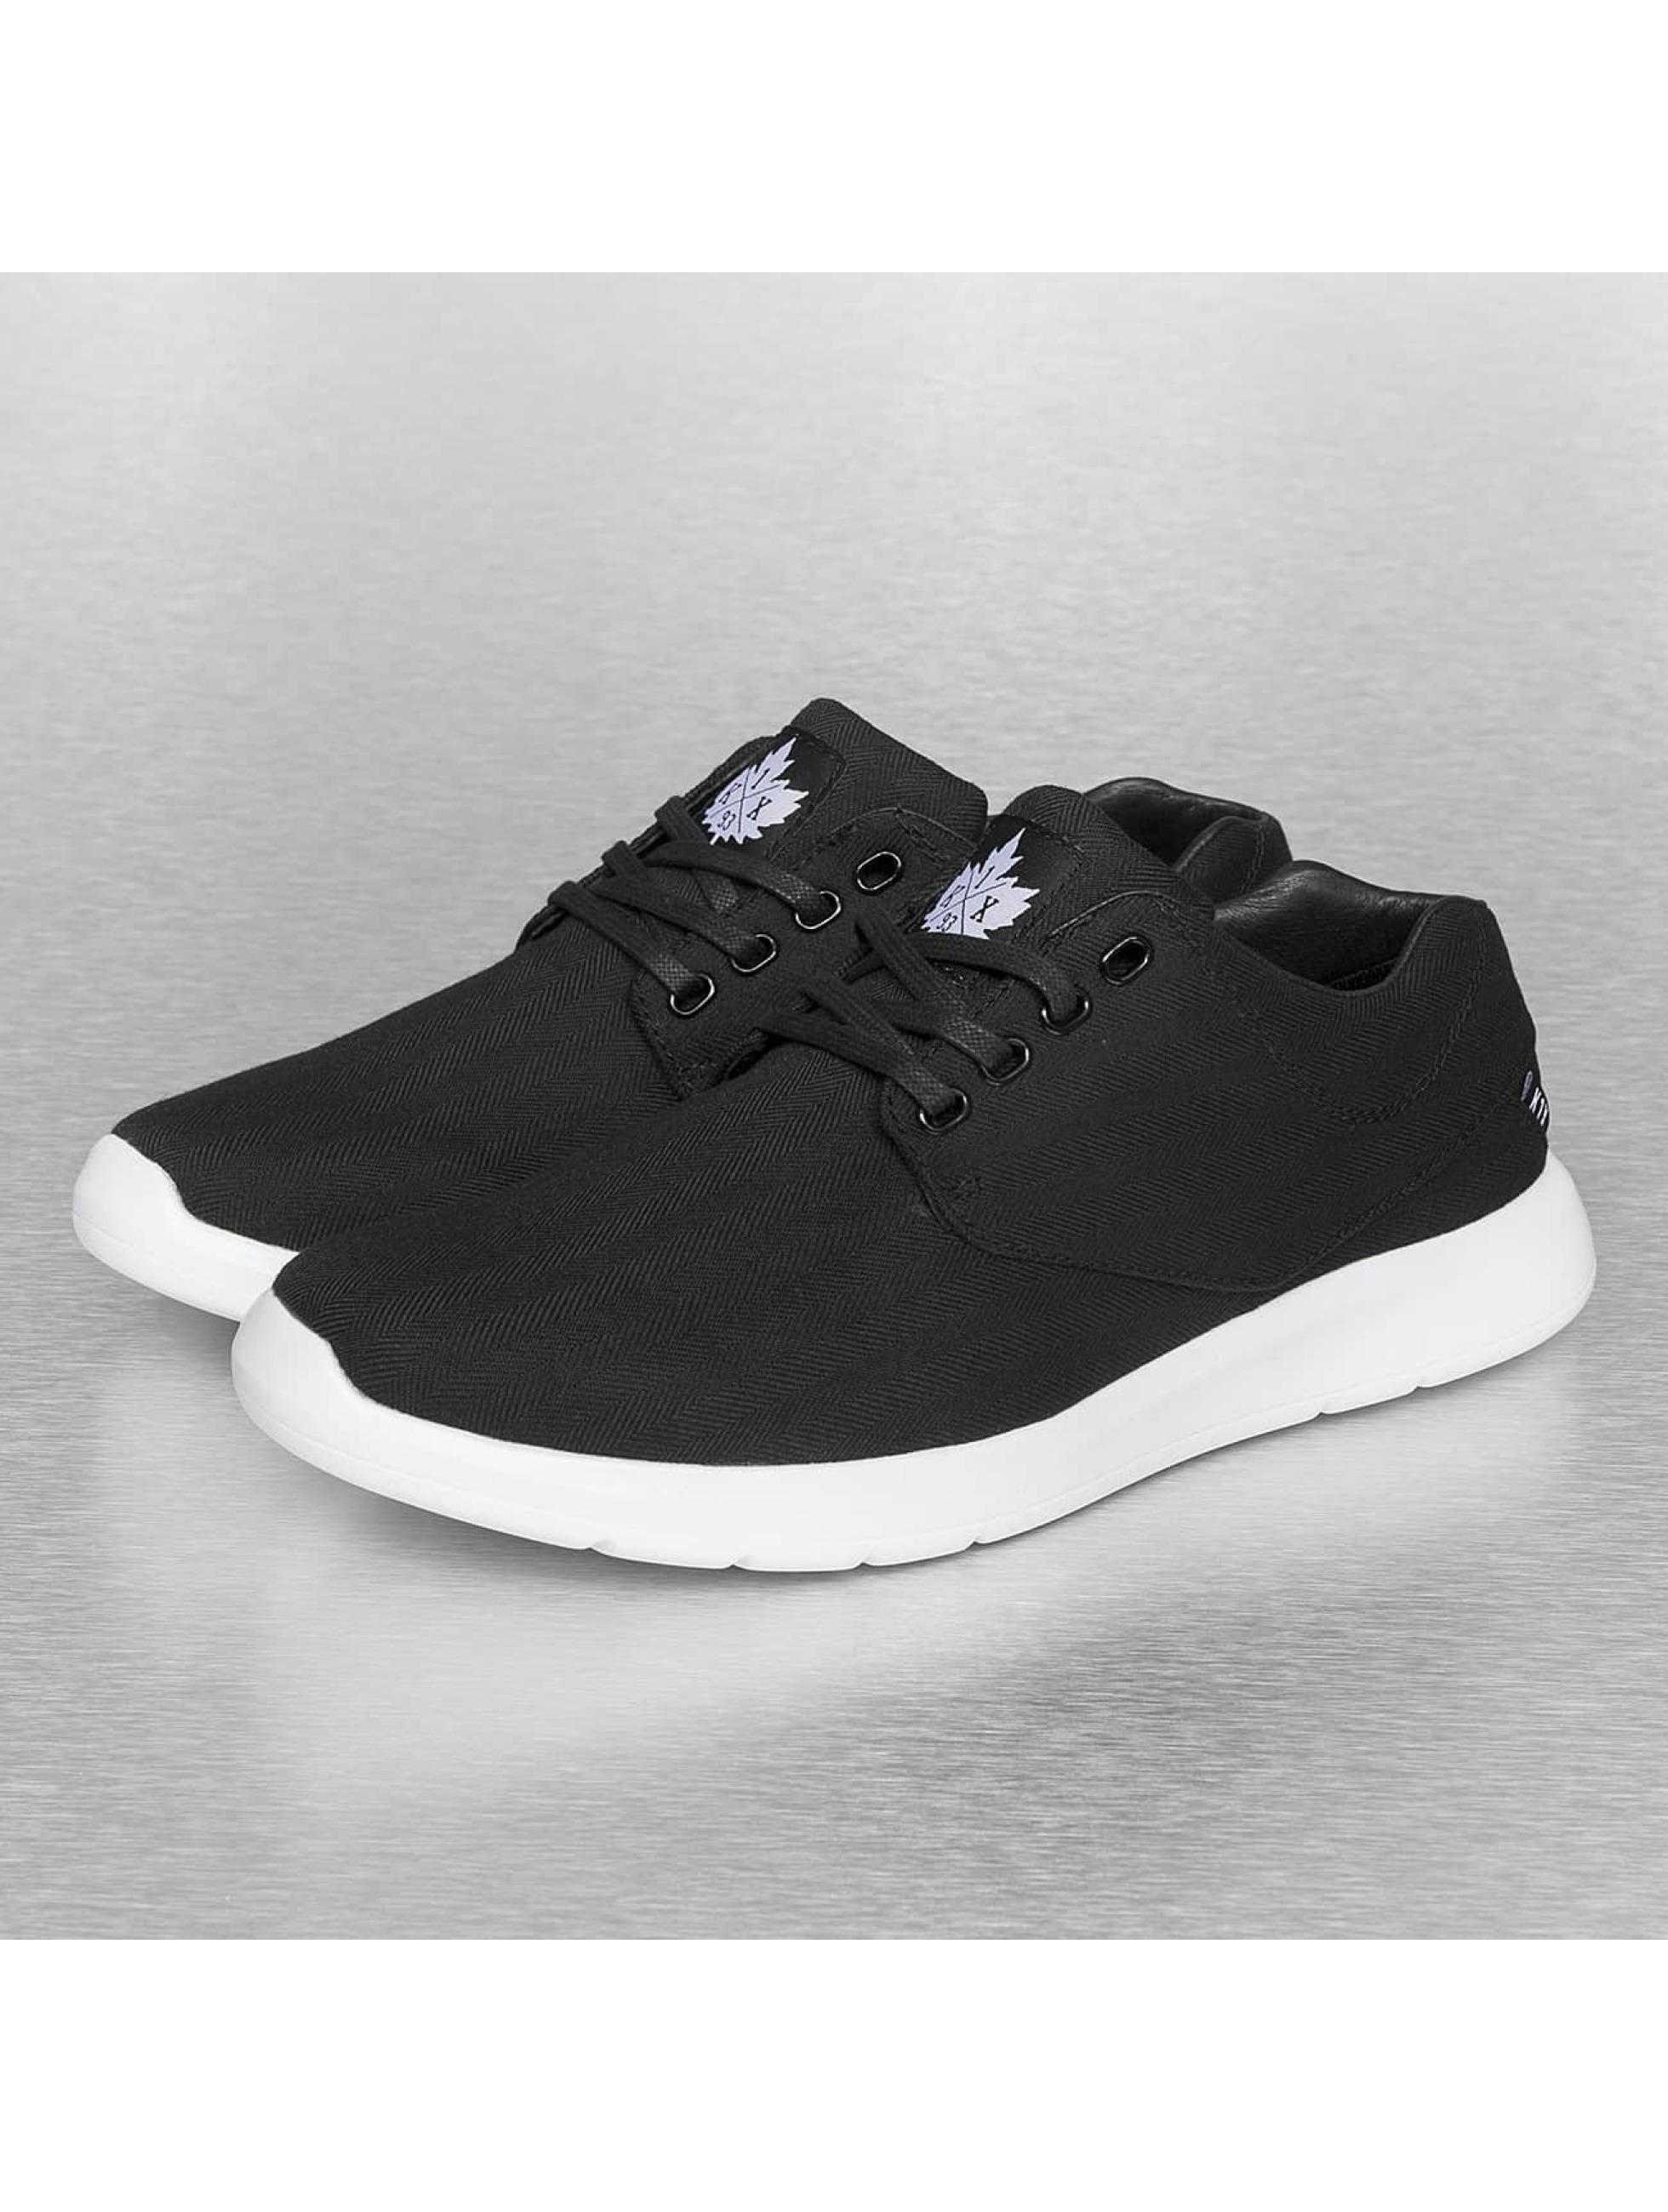 K1X Dressup Lightweight Black Tweed Schuhe Sneaker Schwarz Weiß